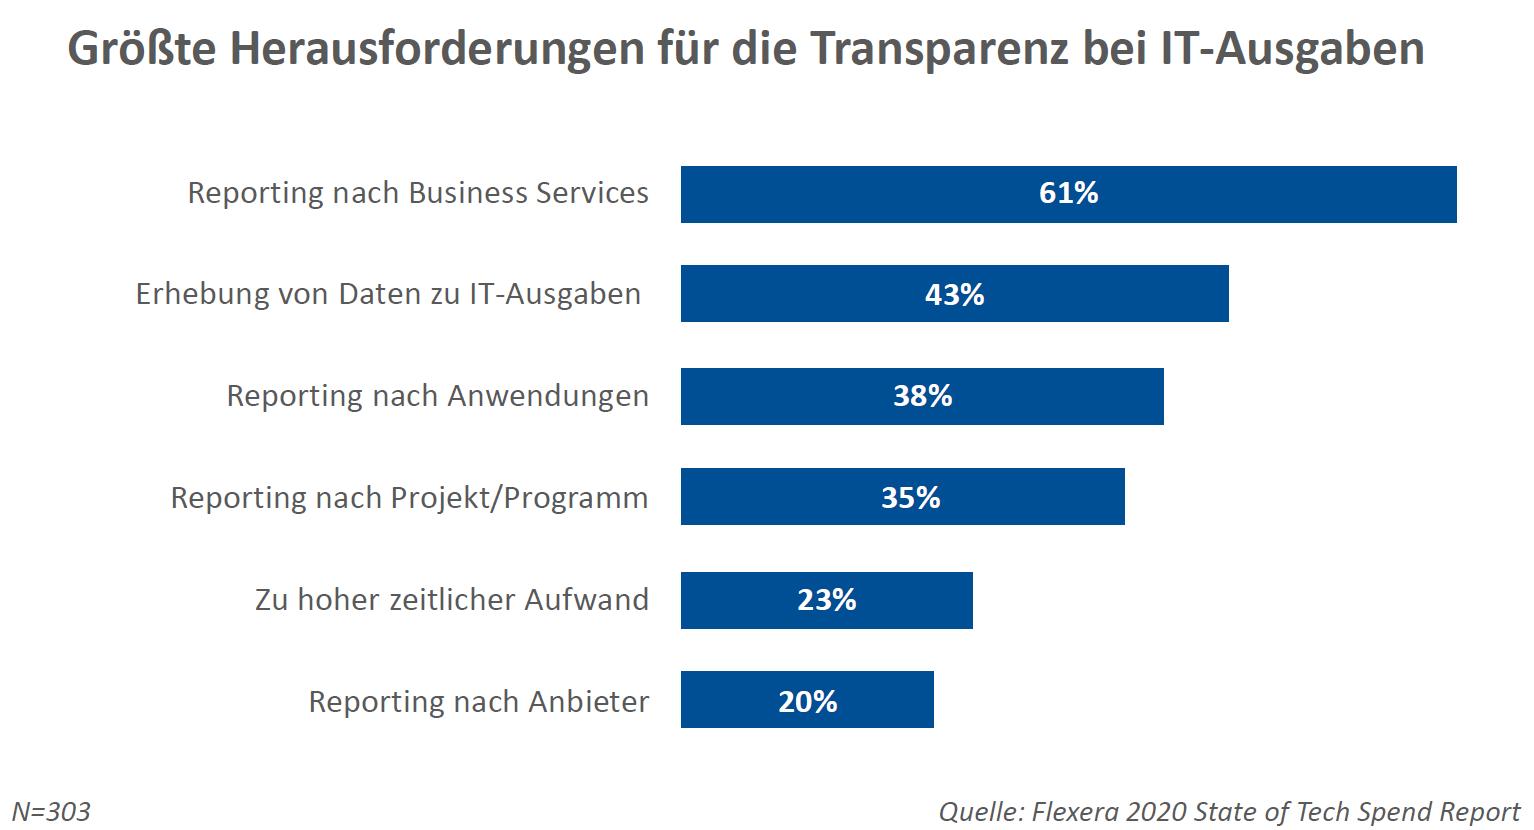 Für 61% der Befragten ist das Reporting nach Business Services die größte Herausforderung